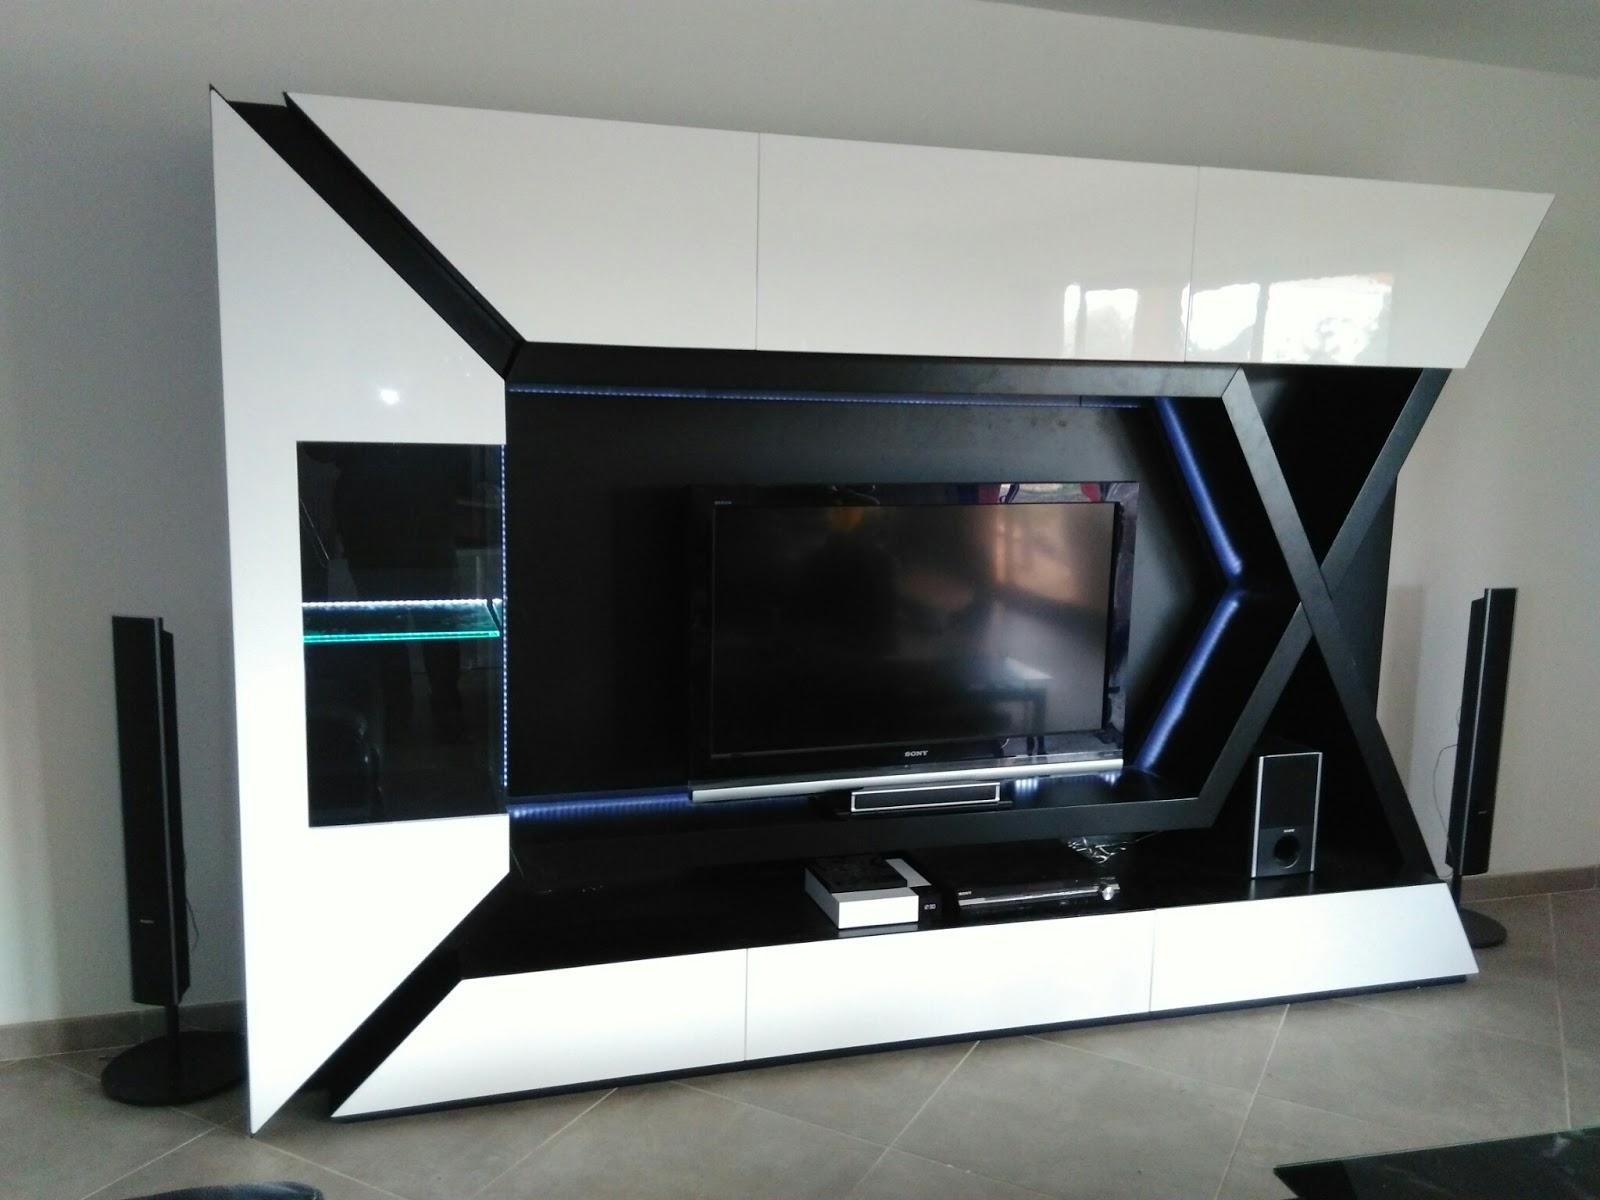 Meuble Tv Led Avec Baffle Fenrez Com Sammlung Von Design  # Meuble Tv A Led Avec Baffle